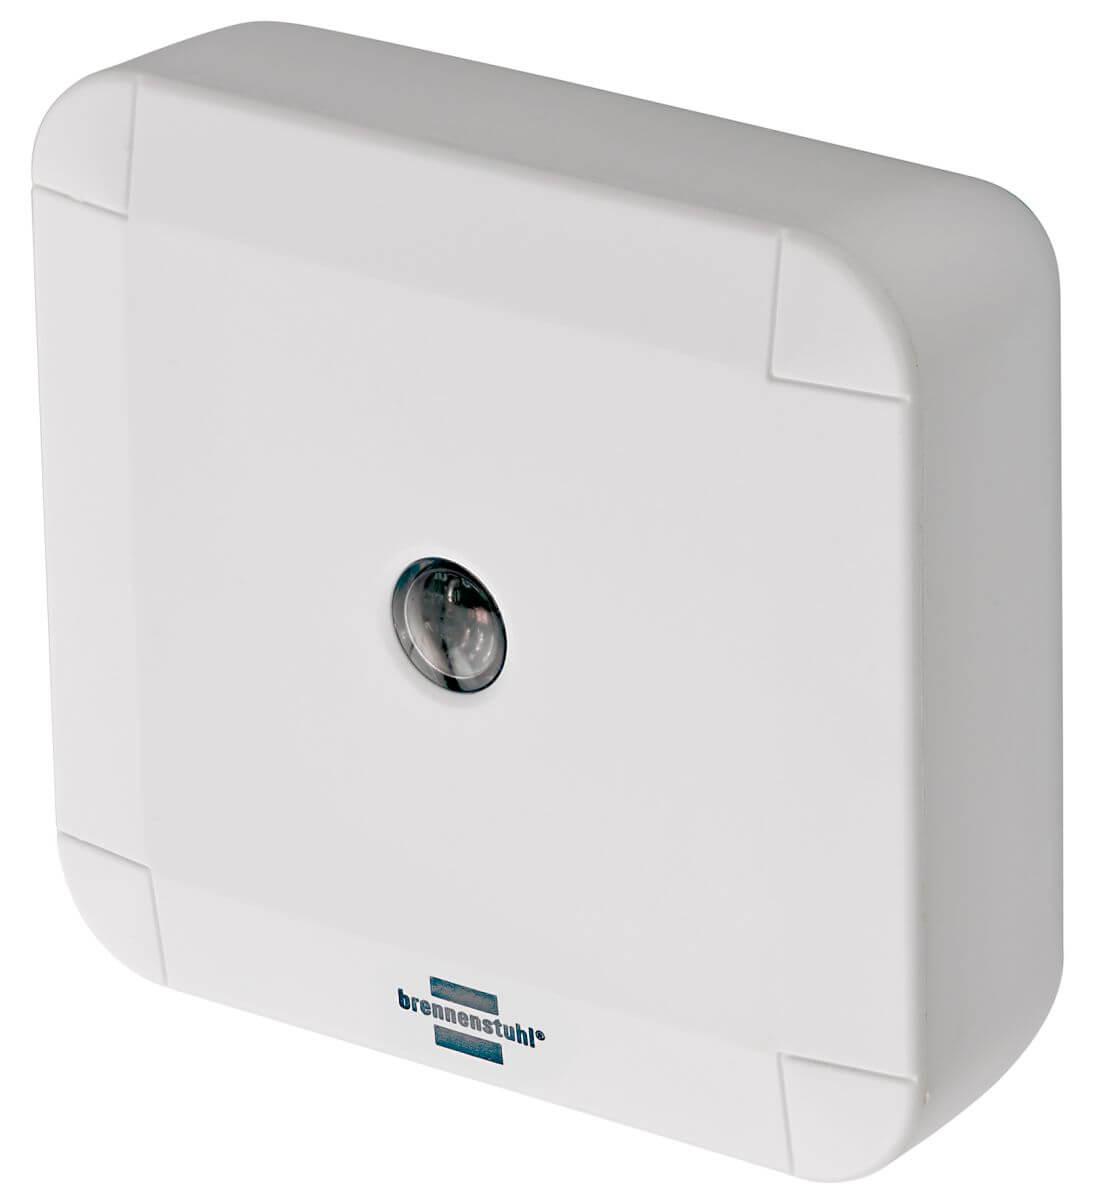 BrematicPRO Helligkeitssensor | Licht-Sensor (Brennenstuhl Smart Home)